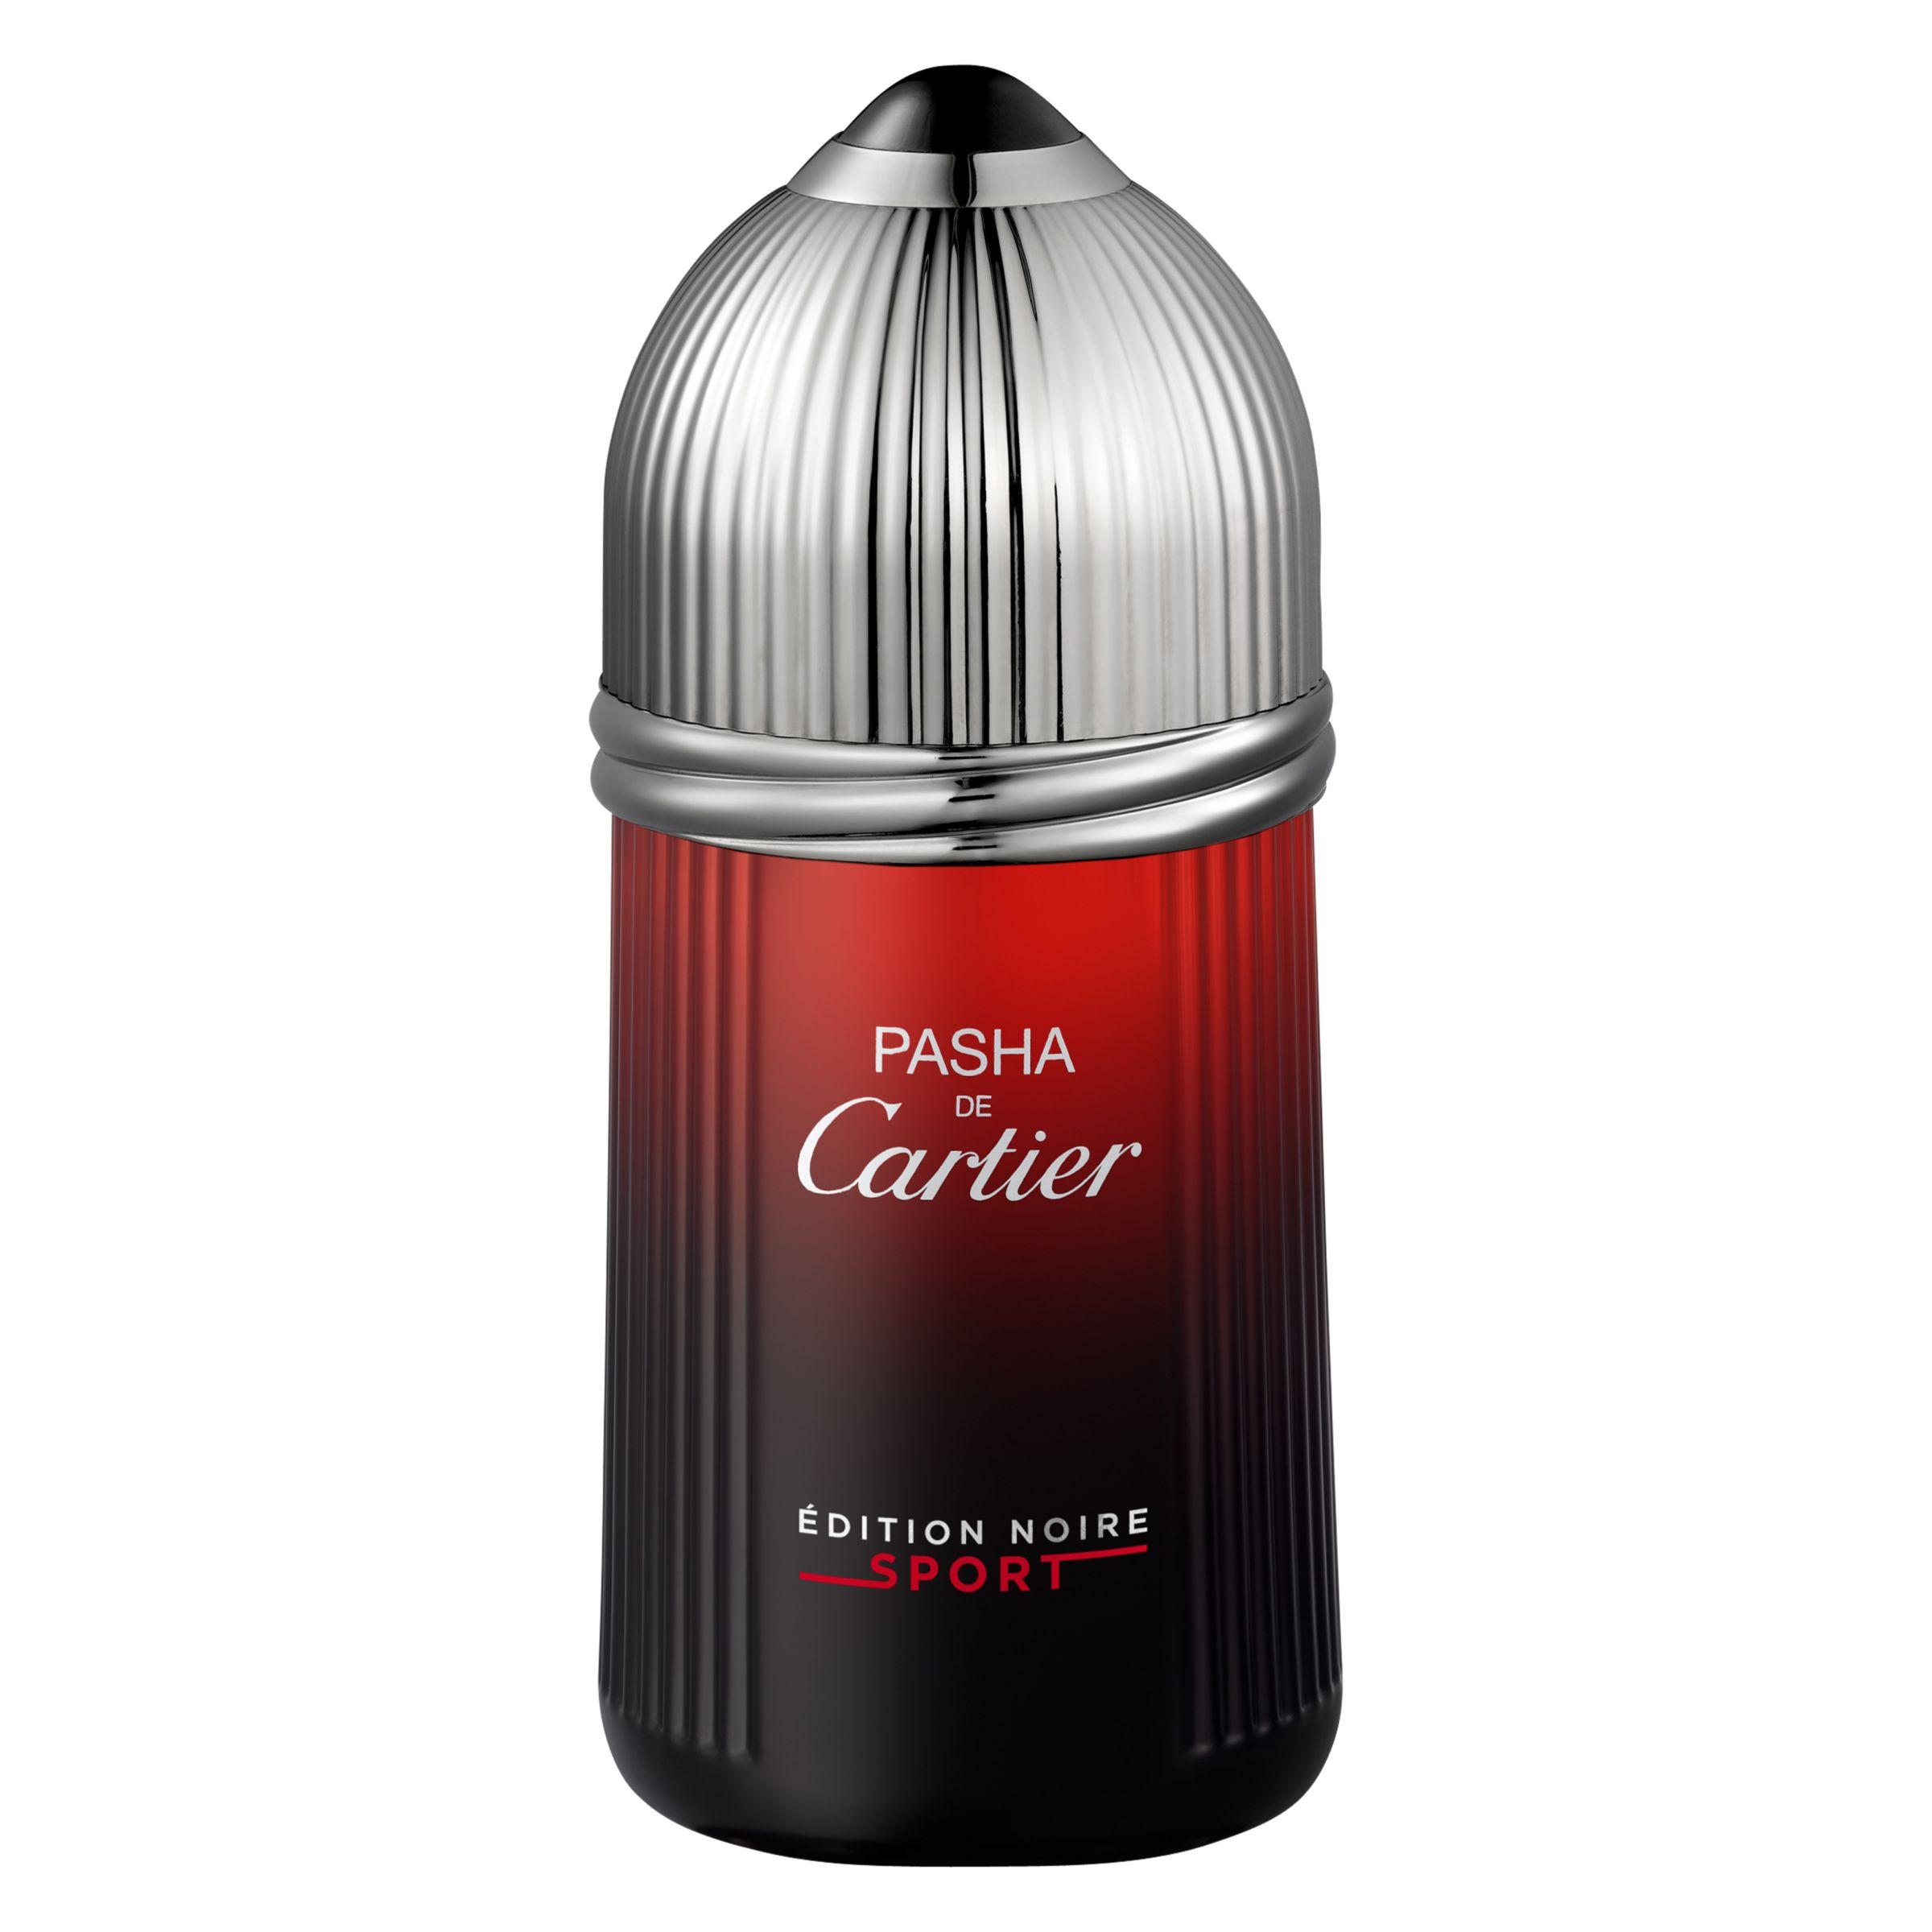 Cartier Cartier Pasha de Cartier Edition Noire Sport Eau de Toilette